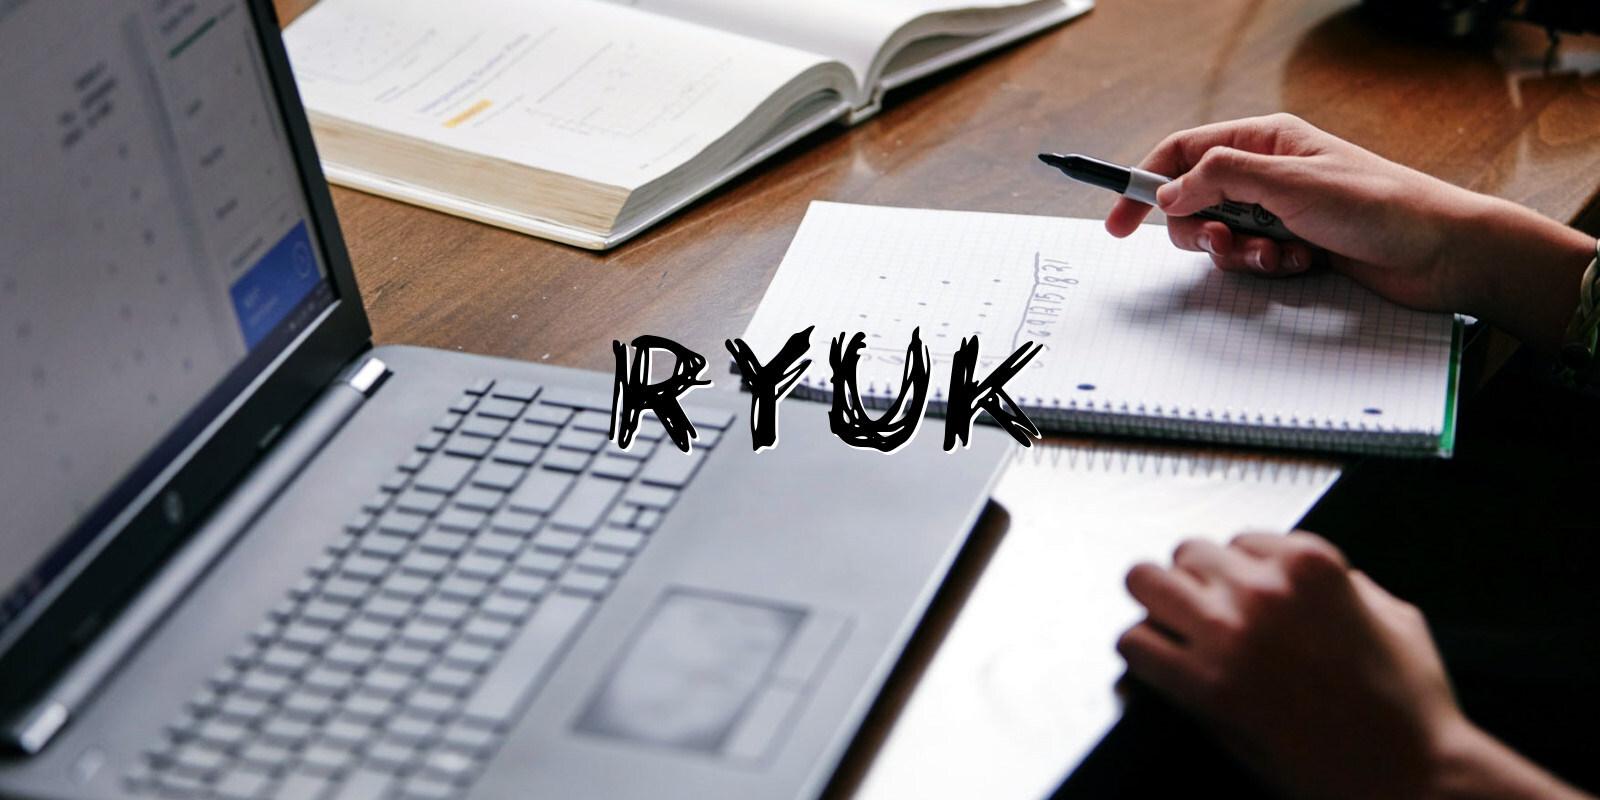 El gigante de la educación en línea K12 paga a Ryuk ransomware para detener la fuga de datos